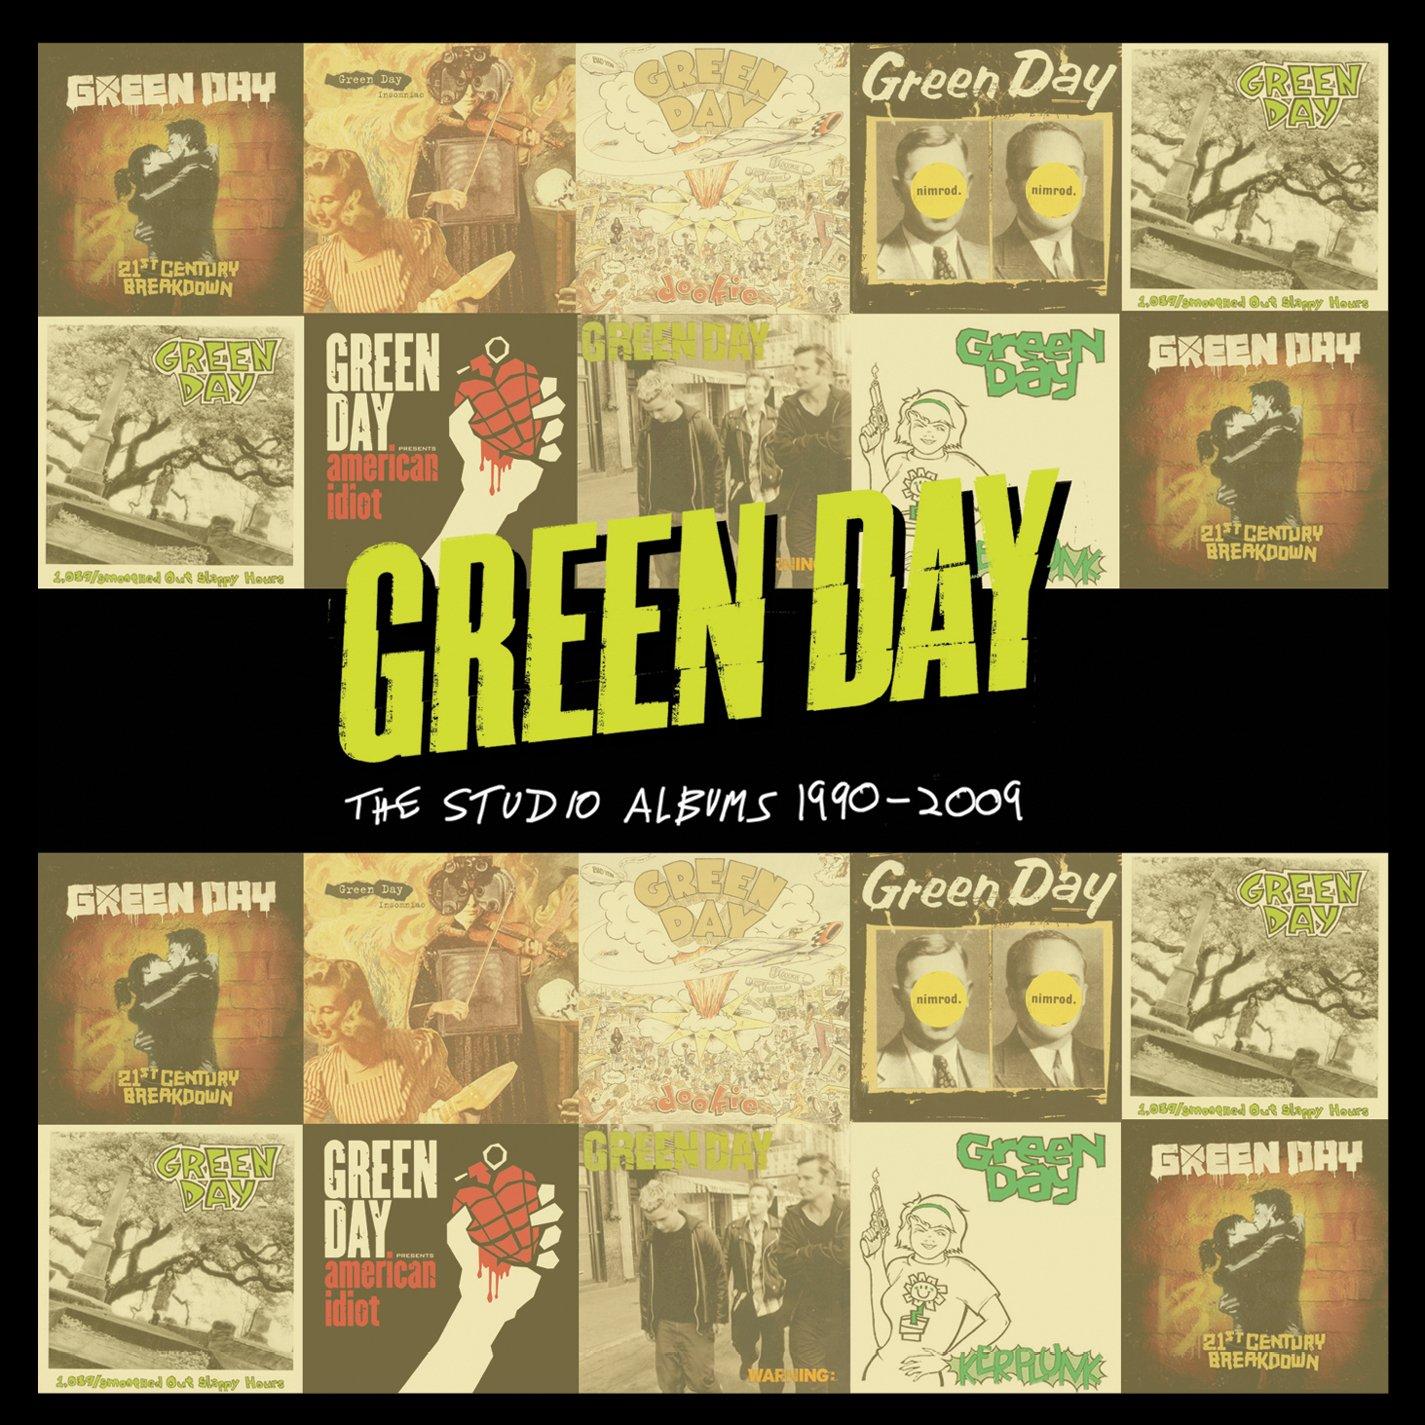 The Studio Album 1990-2009